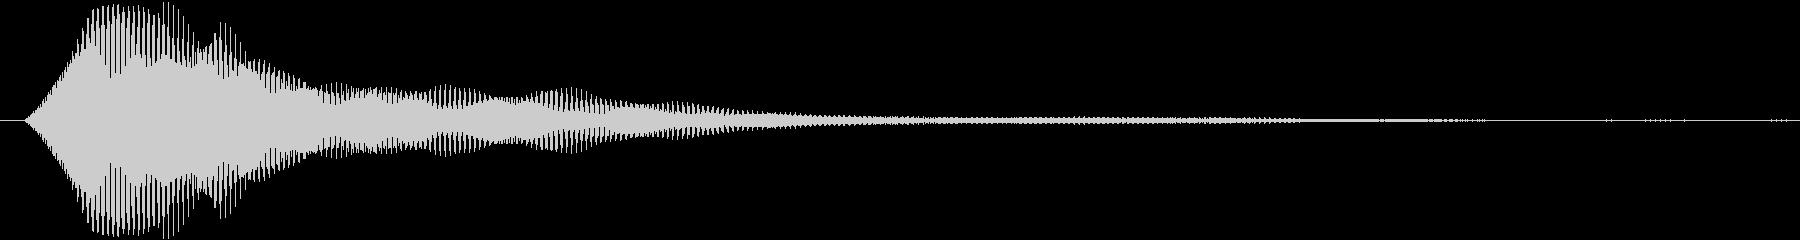 ホワーン(電子音)の未再生の波形